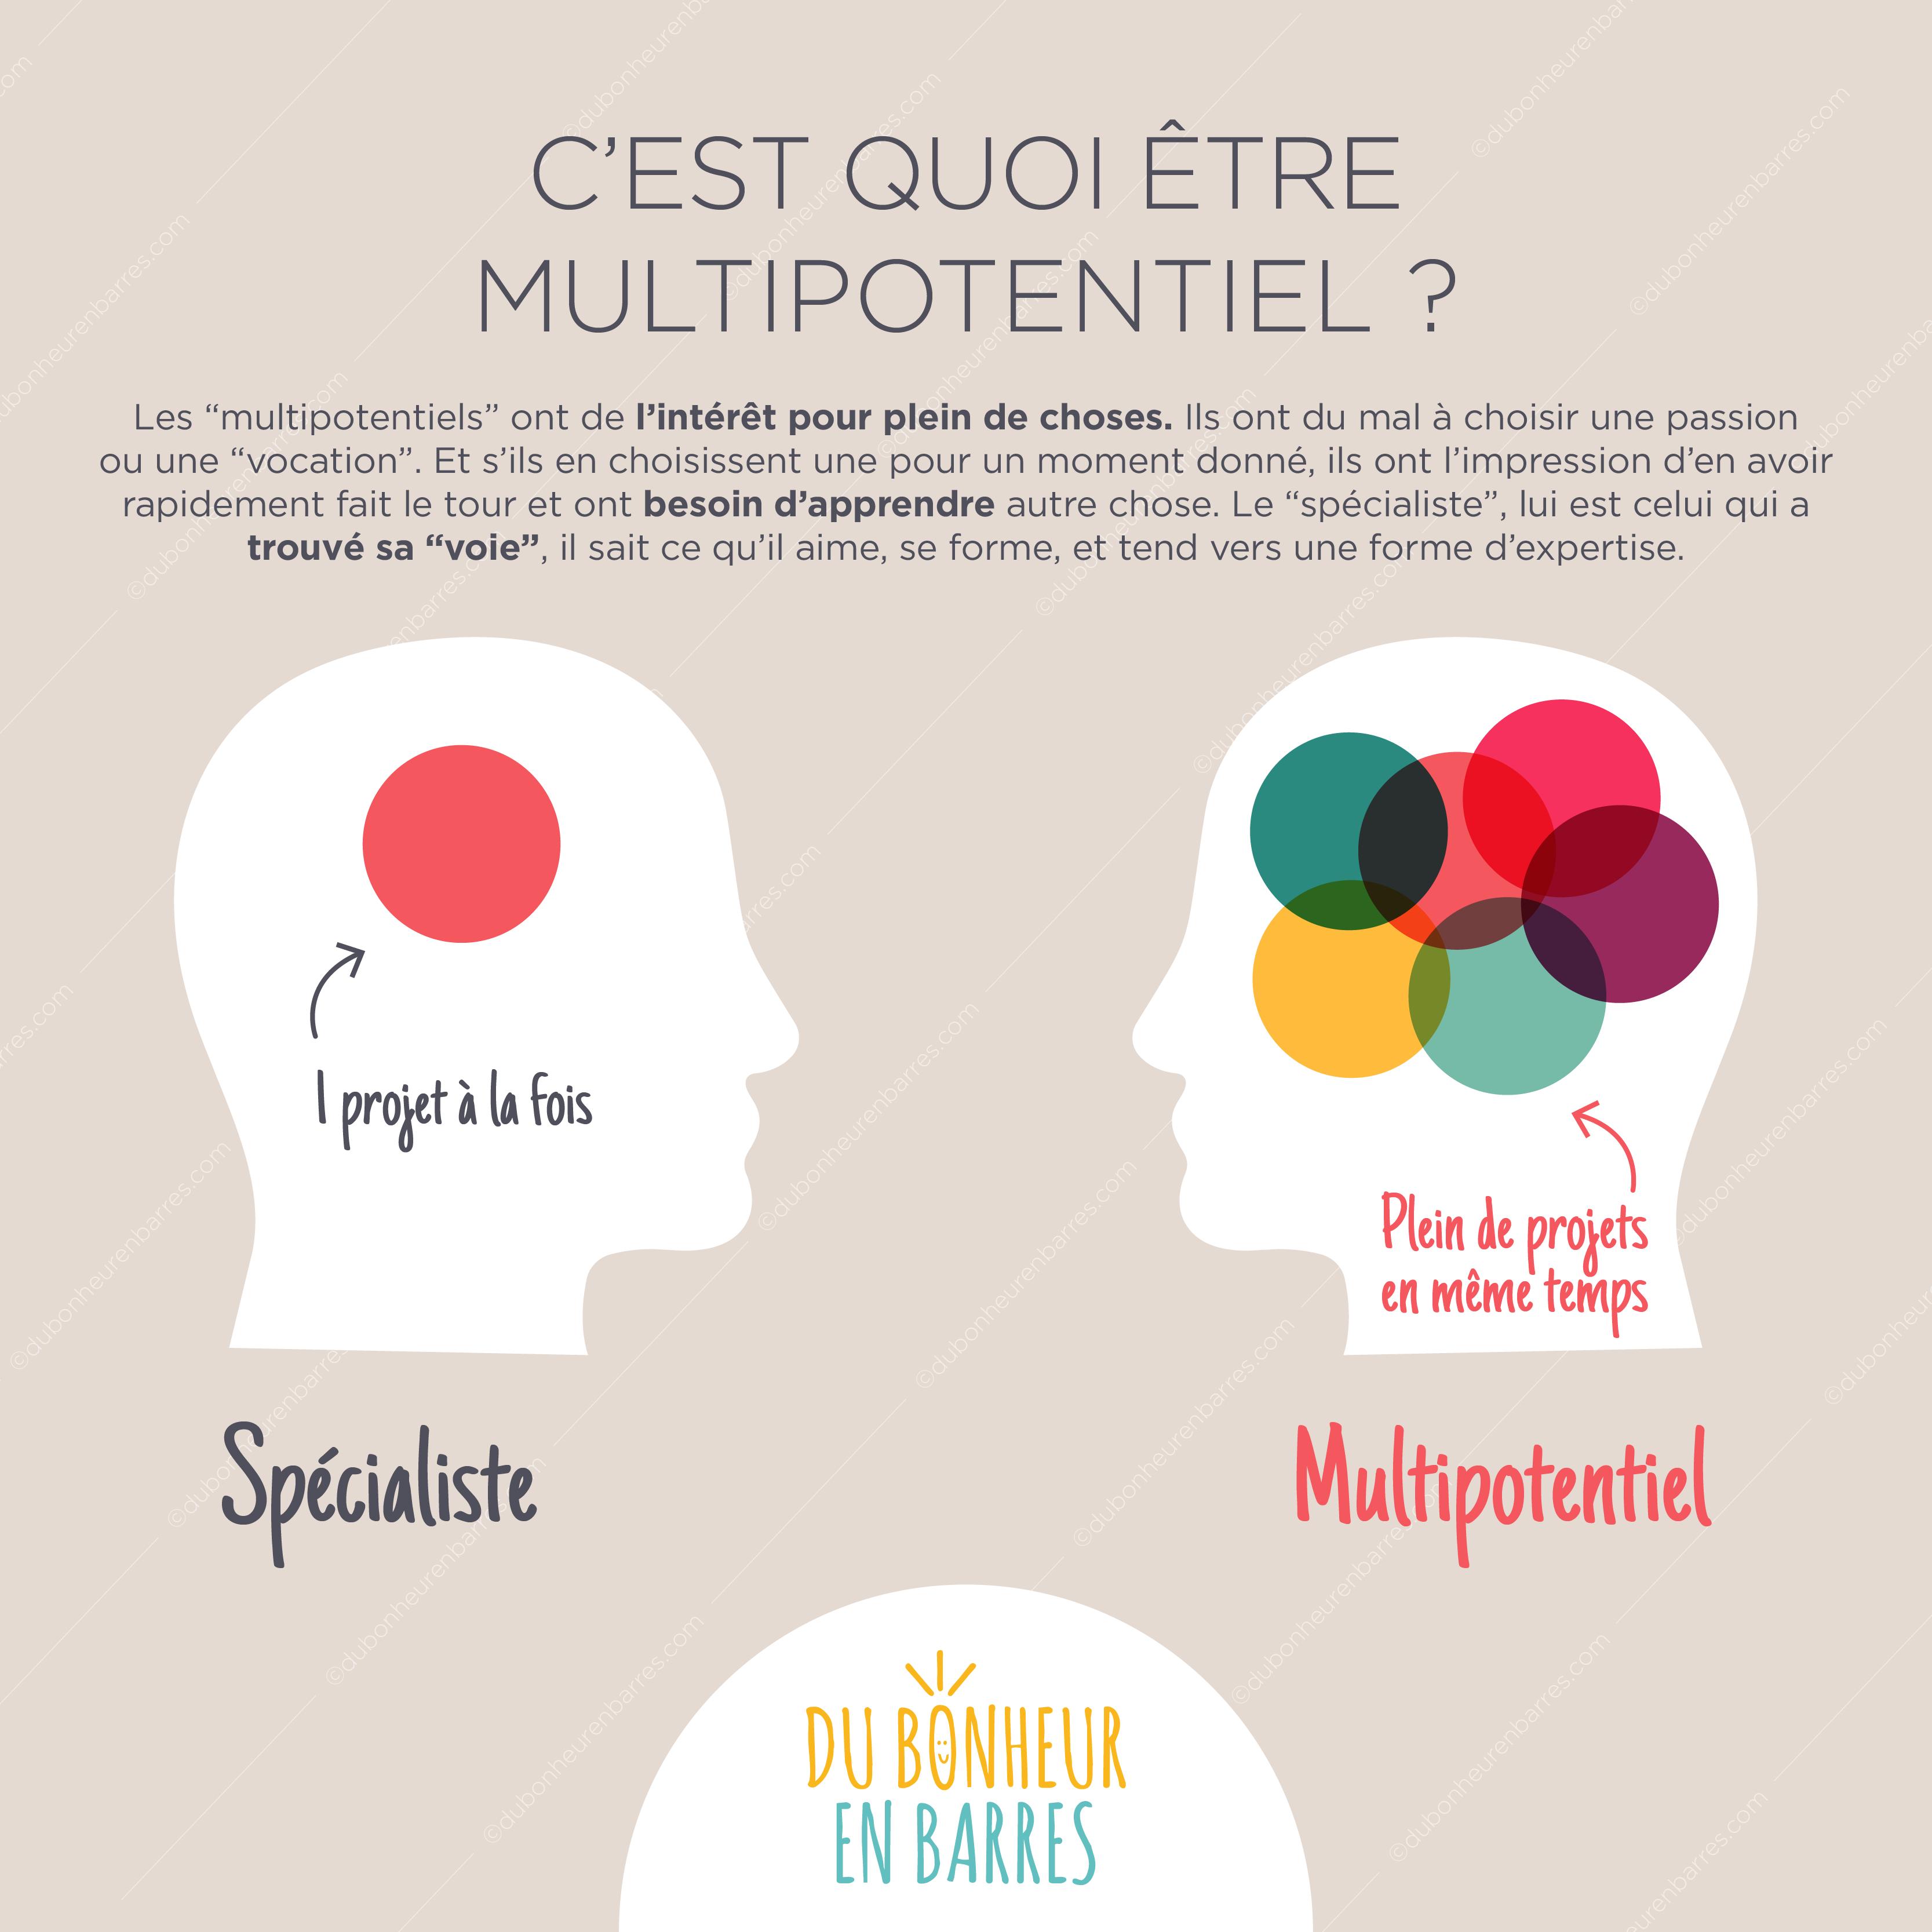 Le profil du multipotentiel